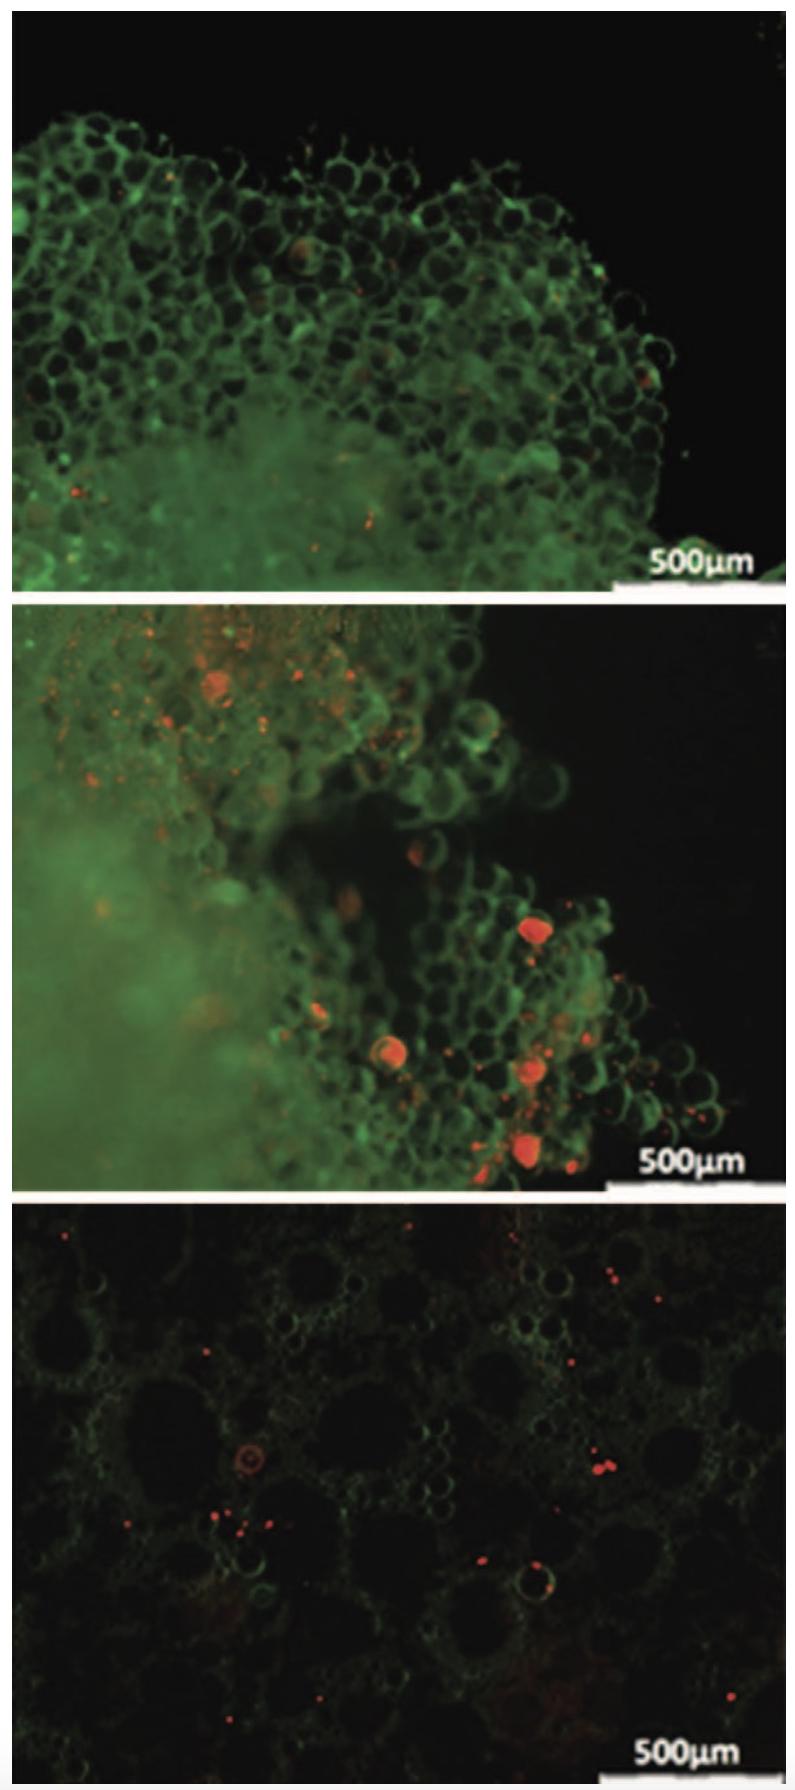 上圖是巨脂肪,中圖是微脂肪,下圖是奈米脂肪。奈米脂肪中已無顆粒的脂肪細胞